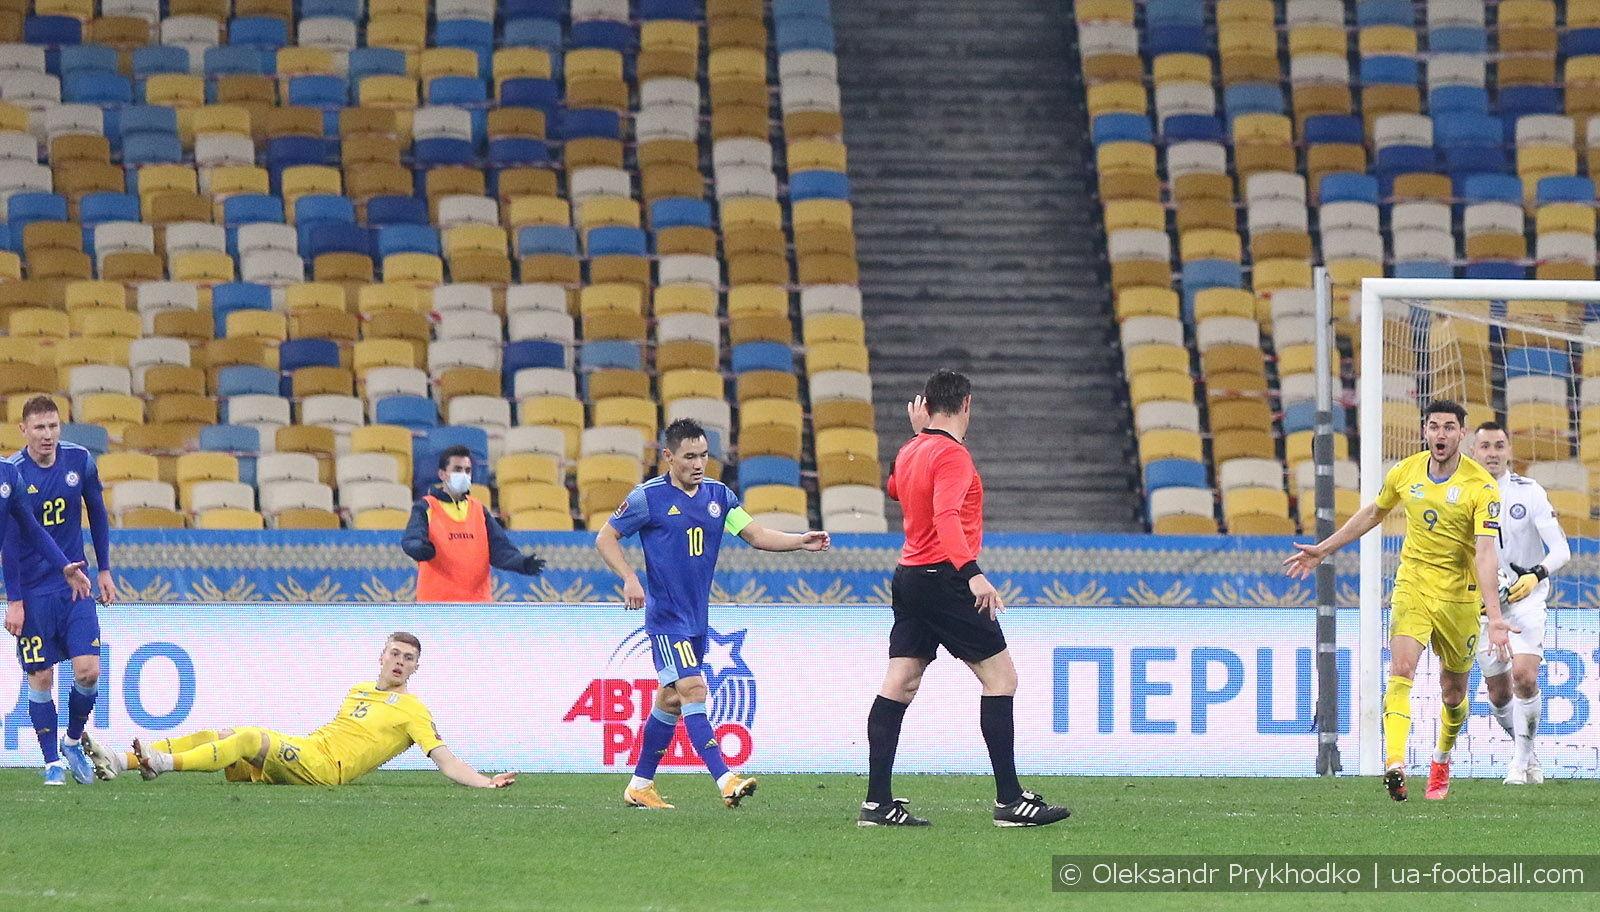 Количество, но не качество. Спарринги сборной Украины оказались малоинформативными - изображение 5